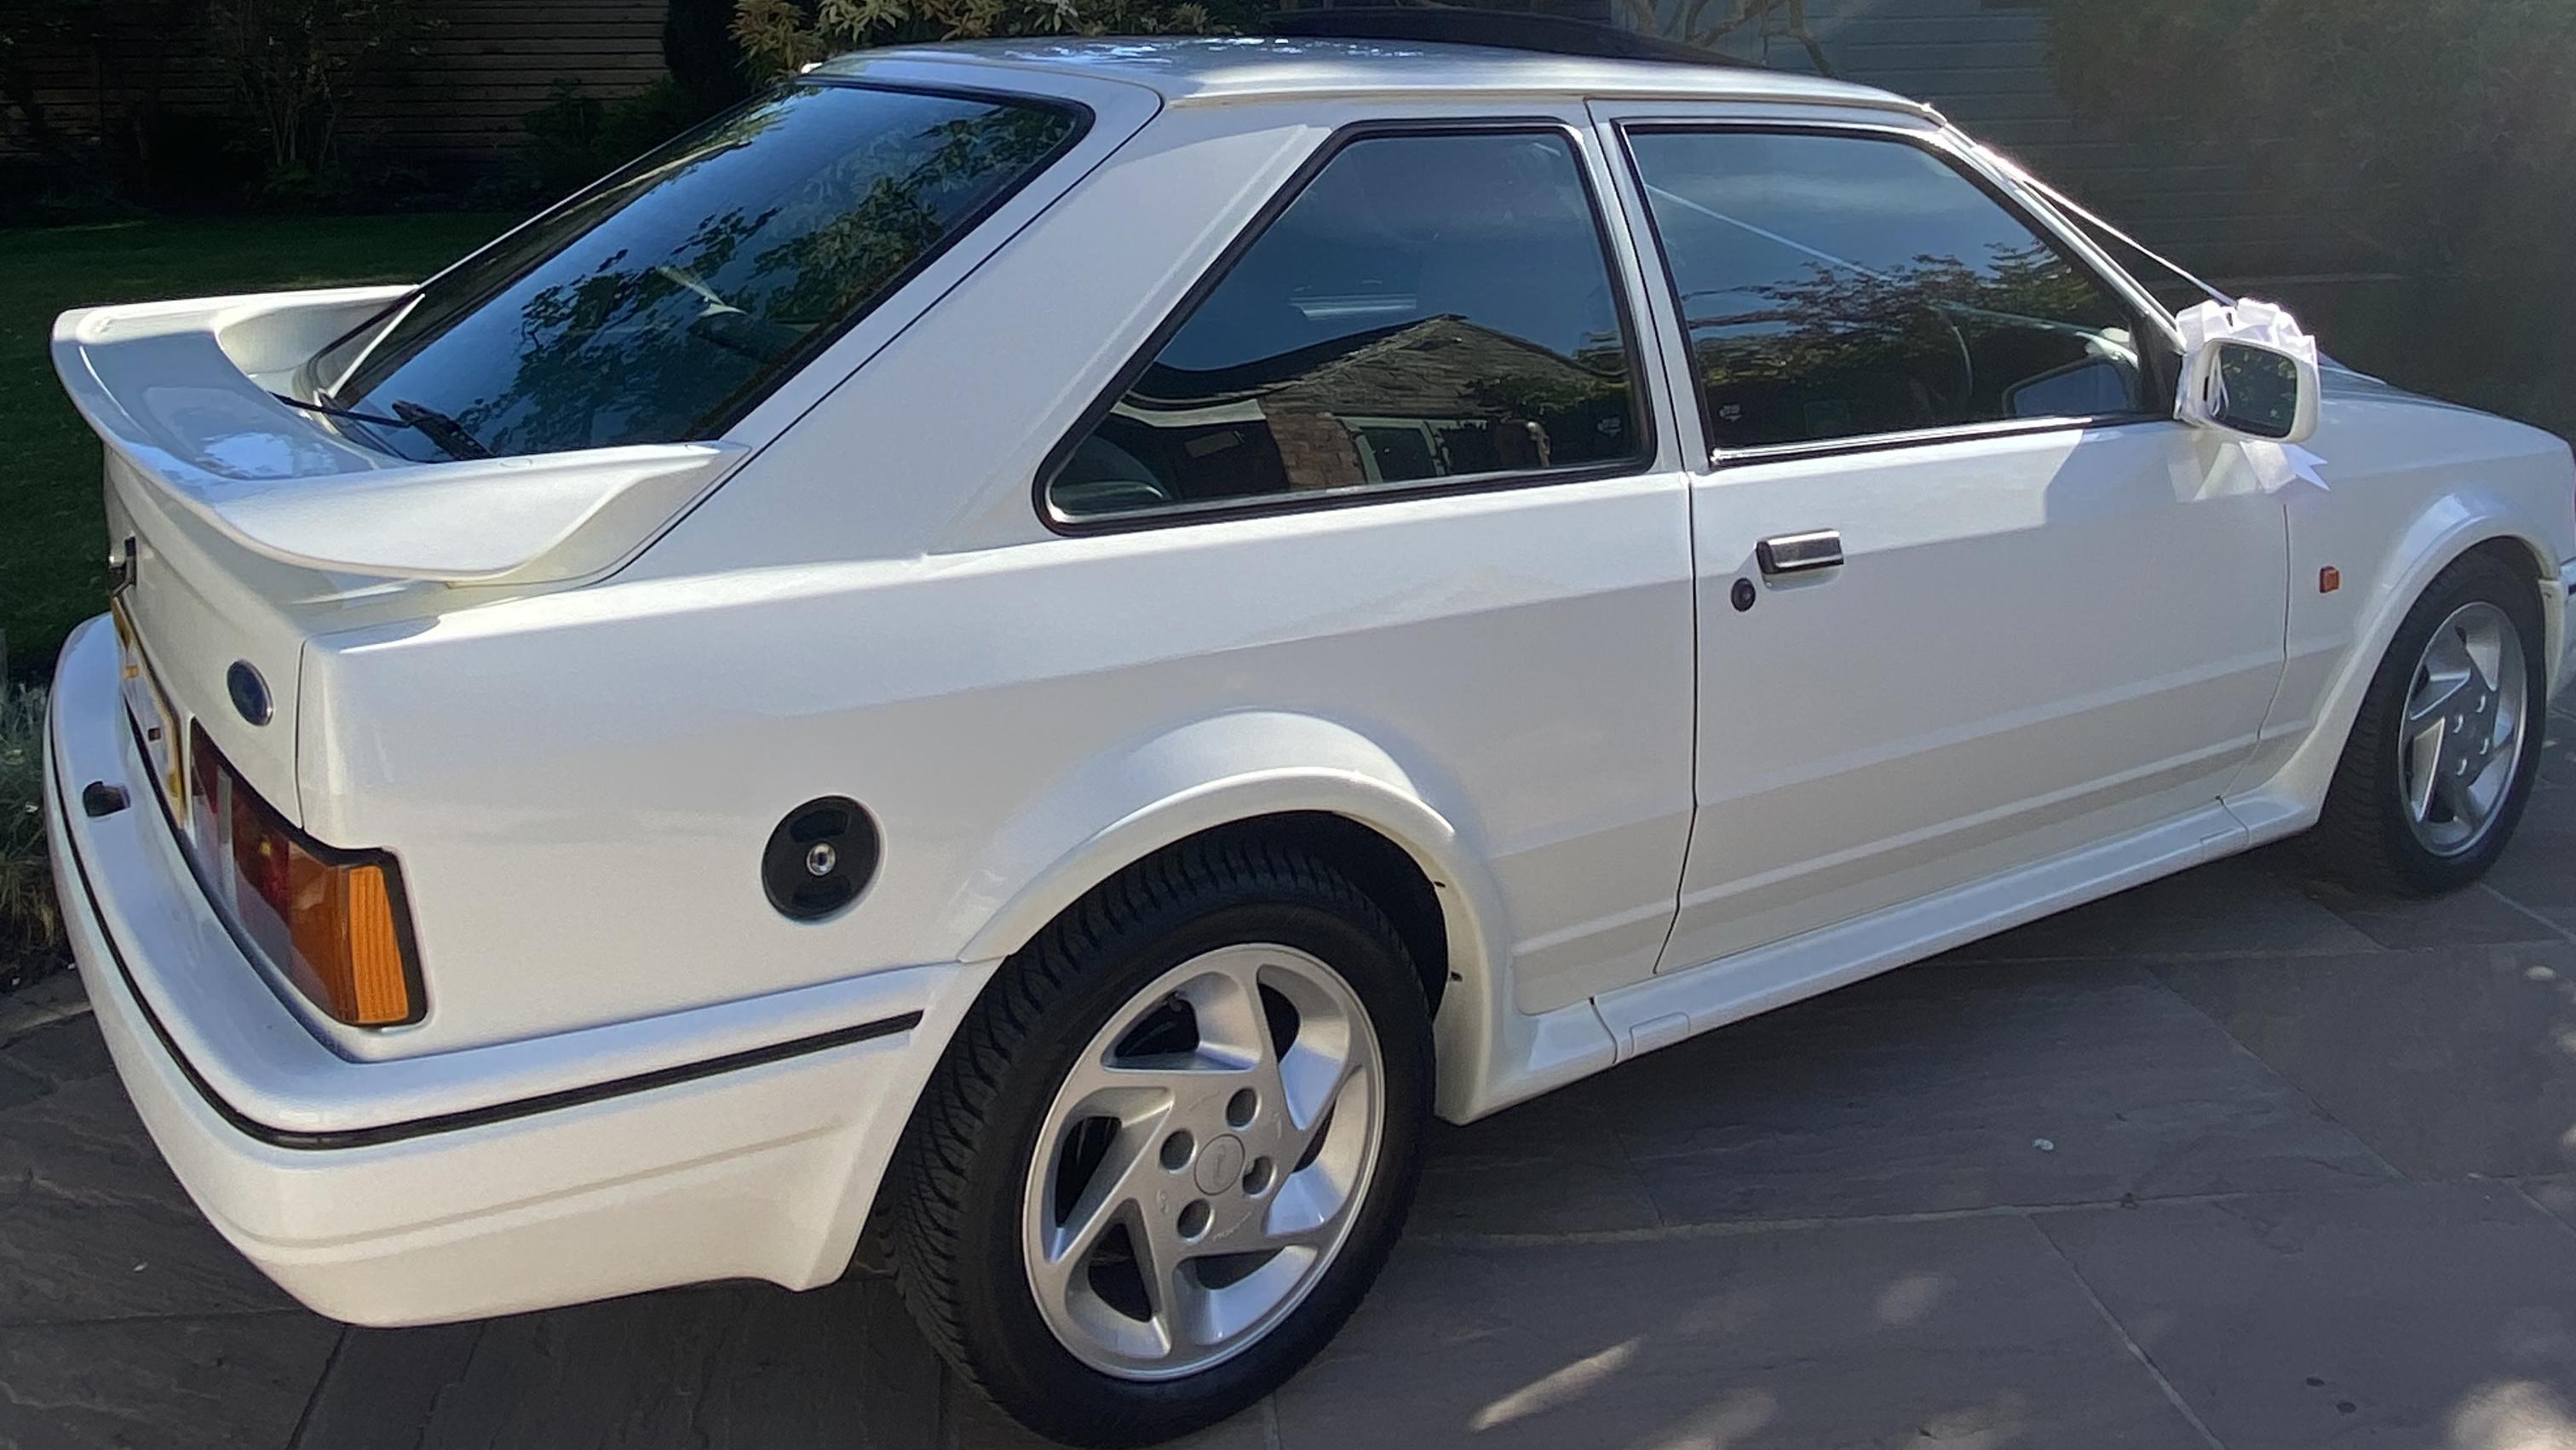 Ford Escort Mk IV RS Turbo